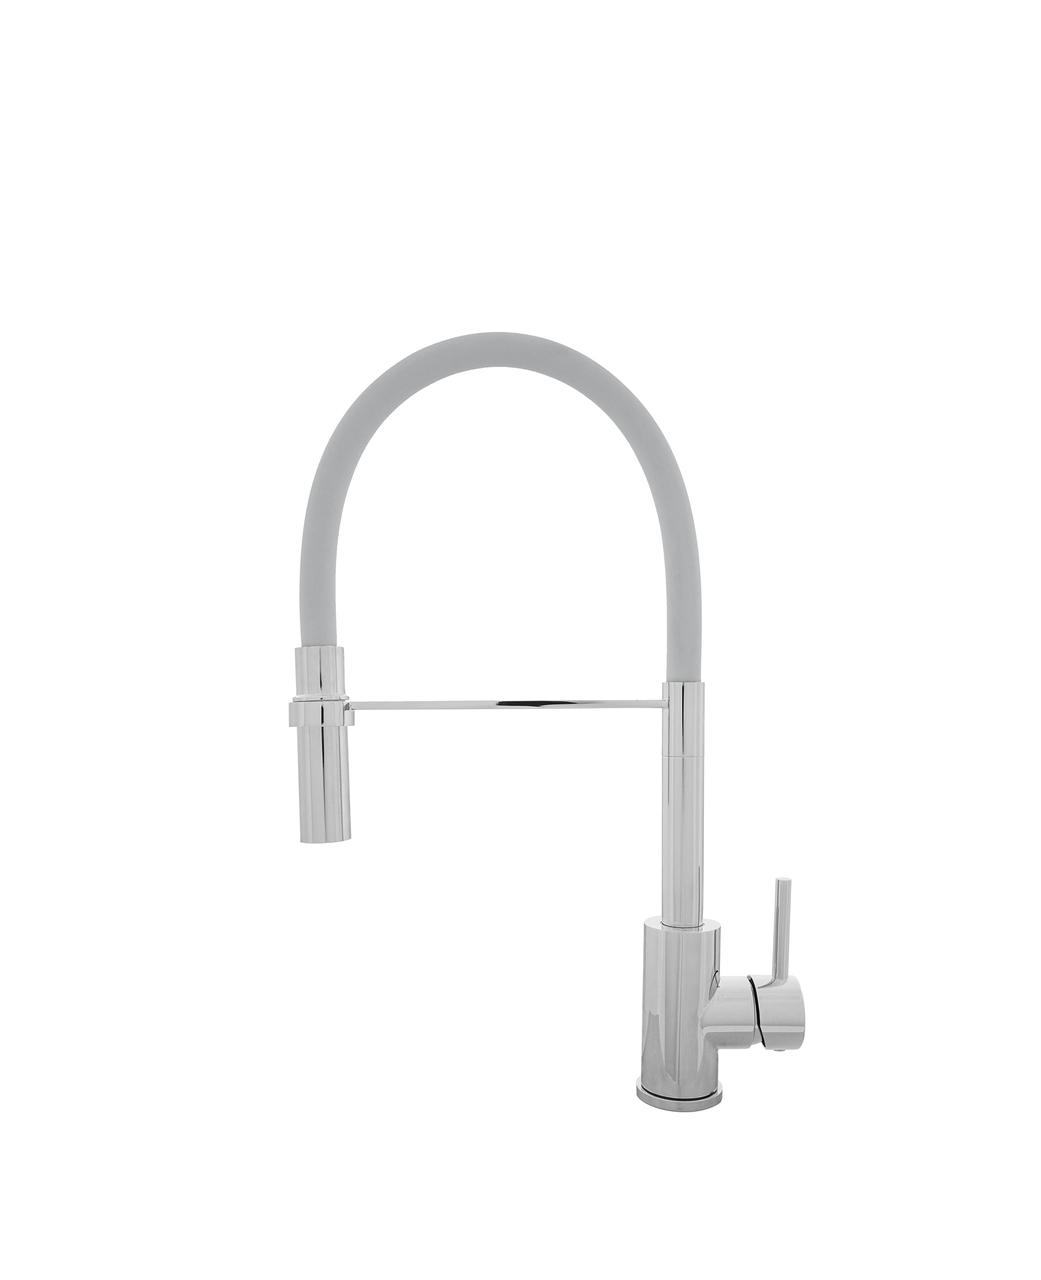 Kernau KWT 20 PO CHROME/GREY смеситель для кухни с душем (сталь/хром/серый)